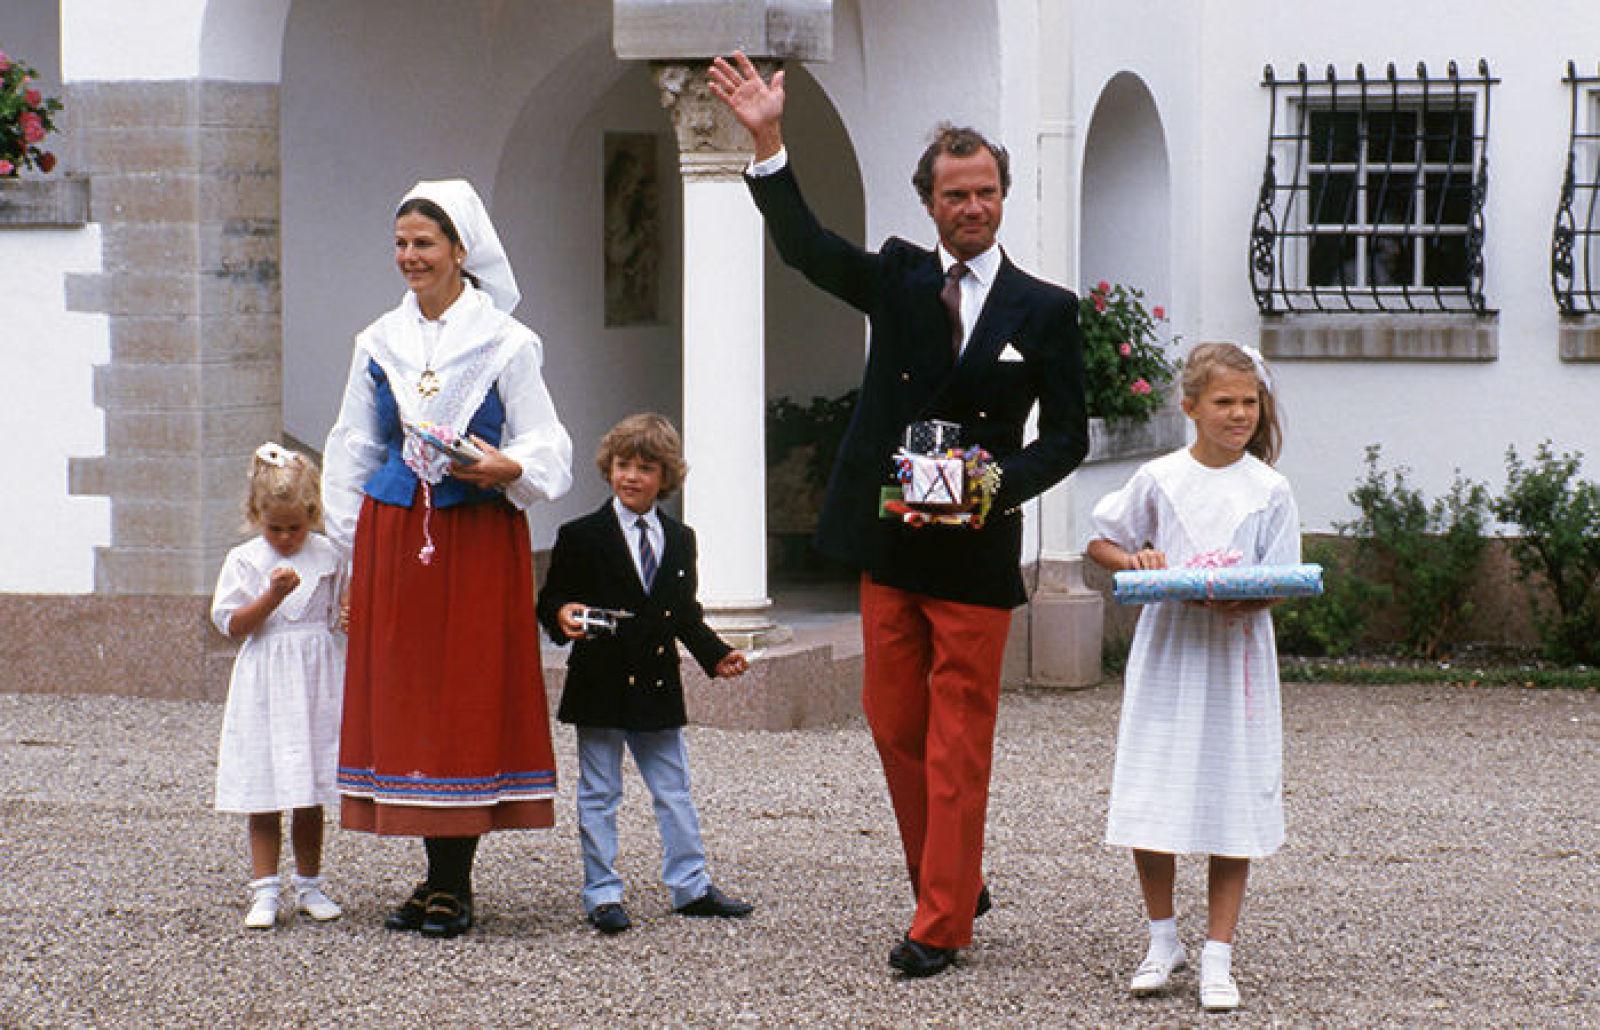 14 июля 1986 г, поздравления публики во внутреннем дворе Суллидена